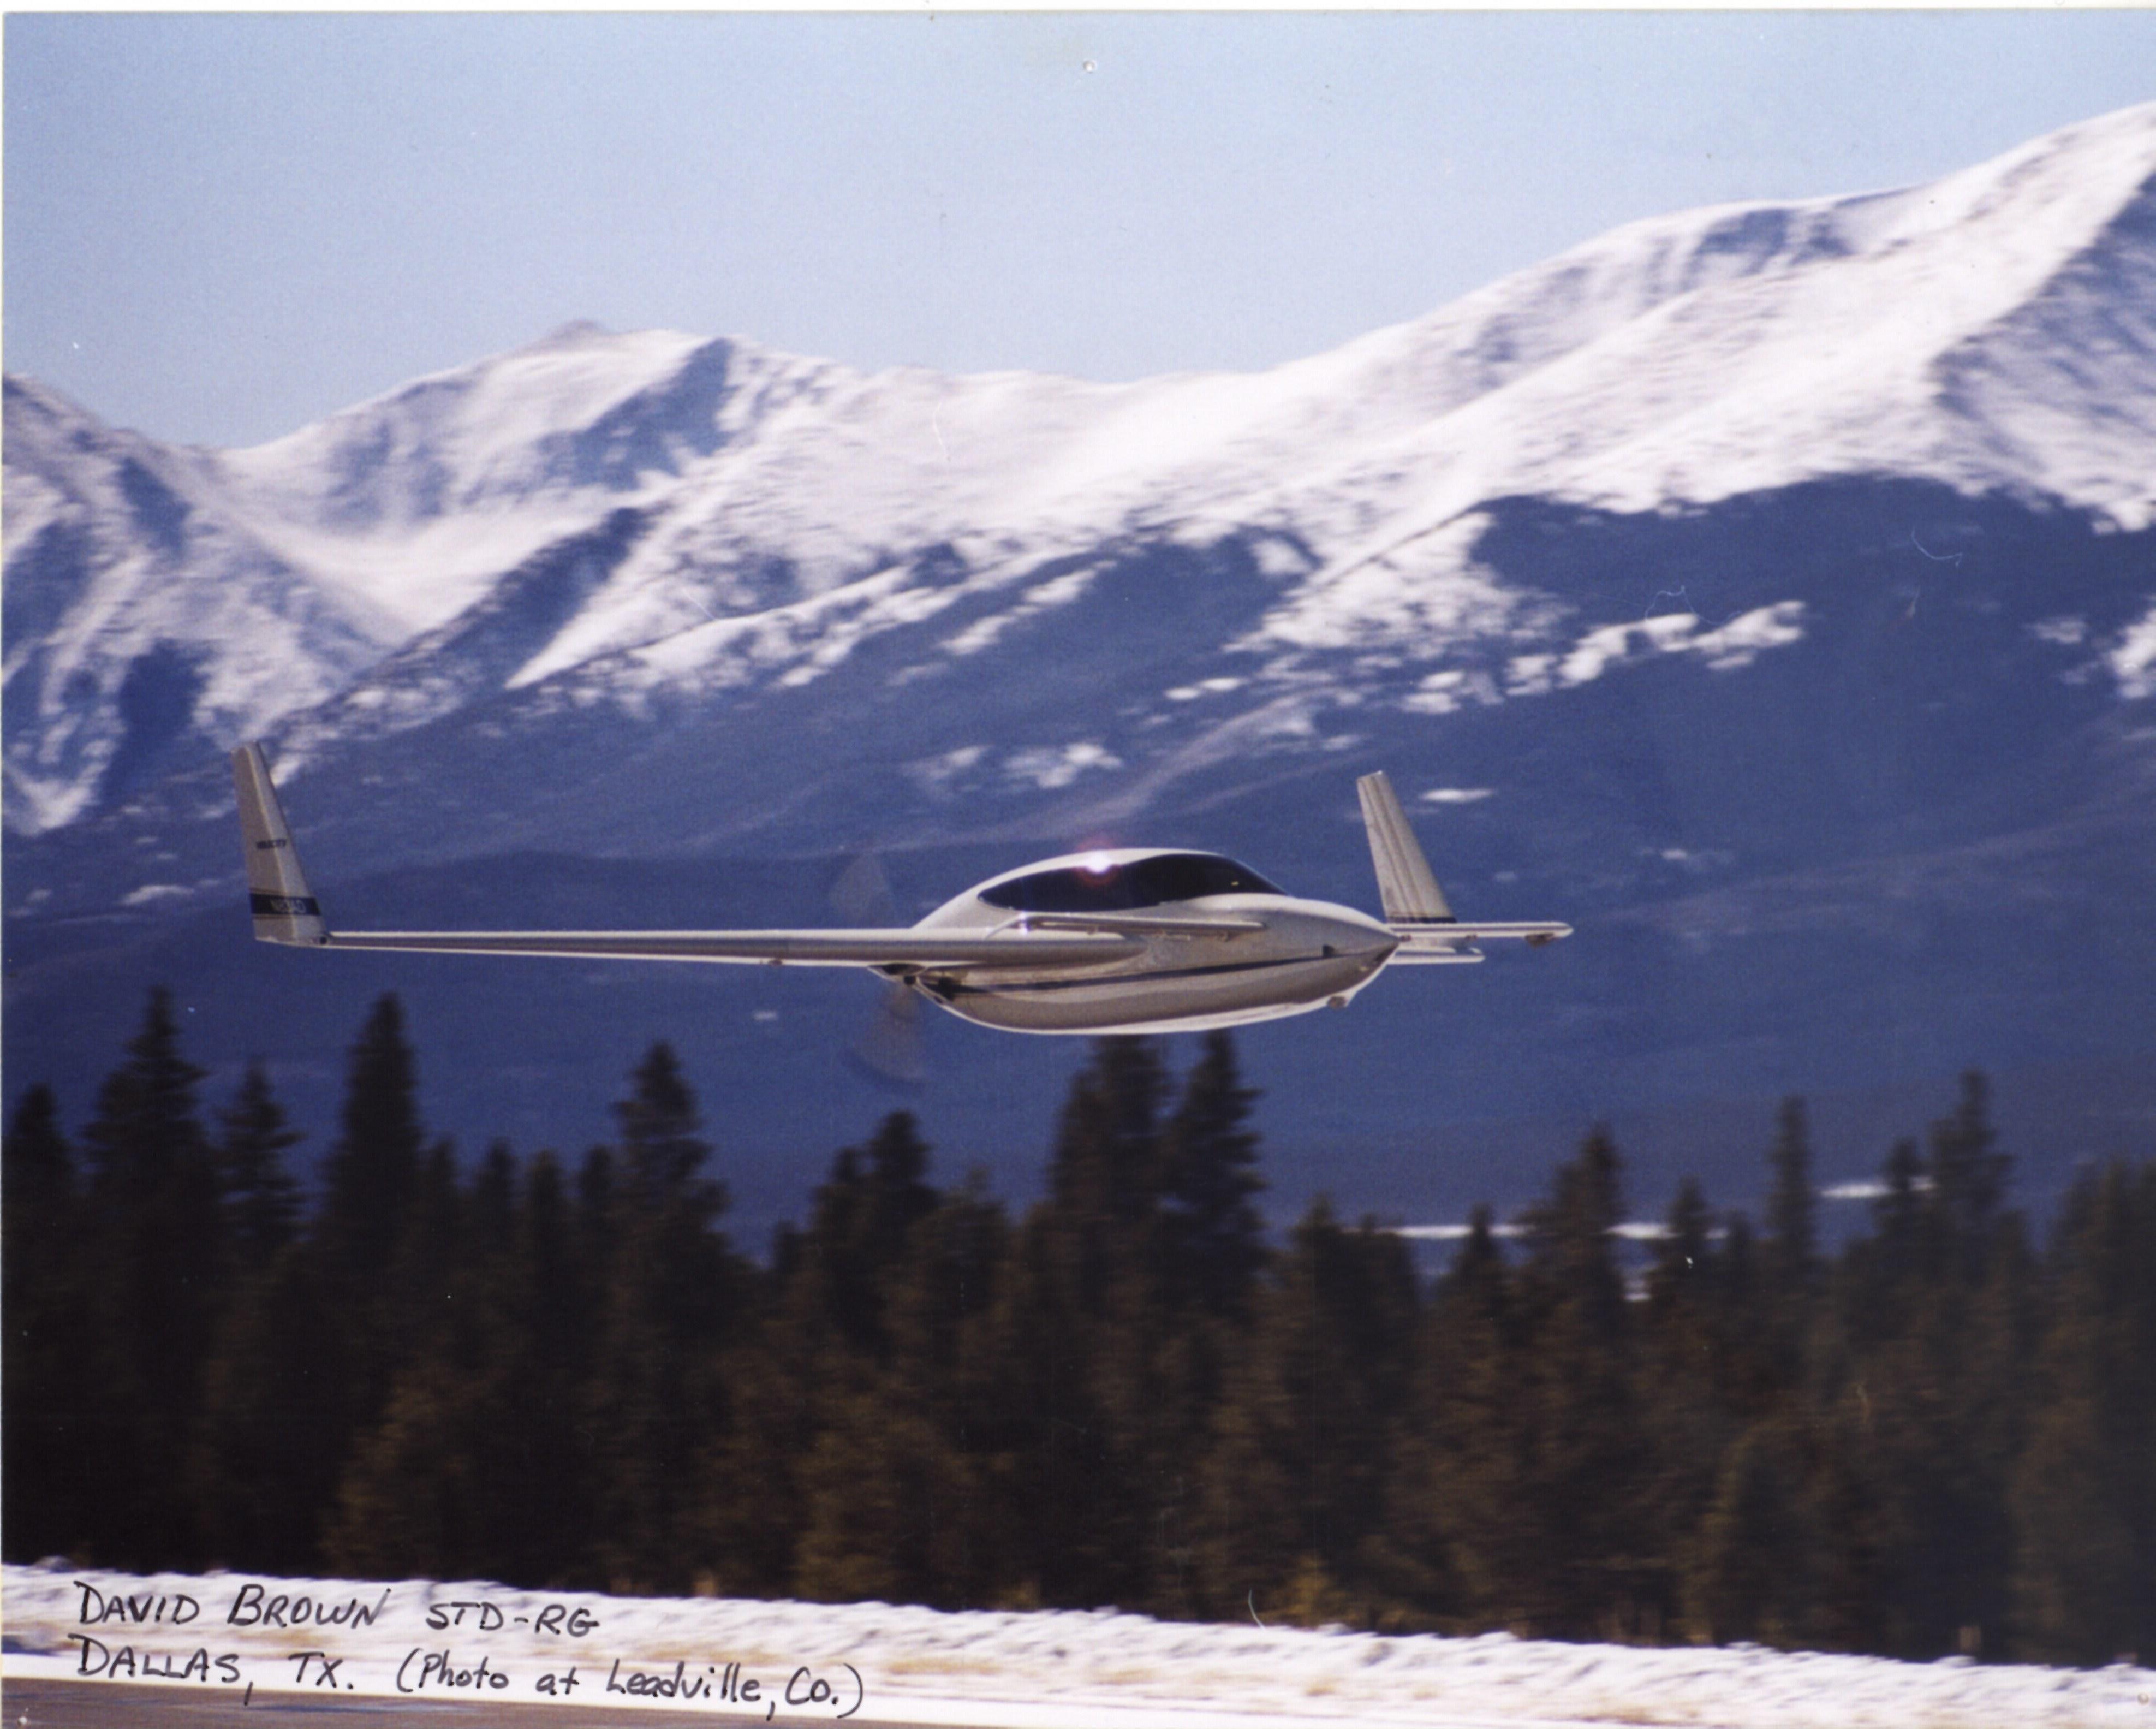 Diesel - Flugzeug Velocity von Domröse Diesel